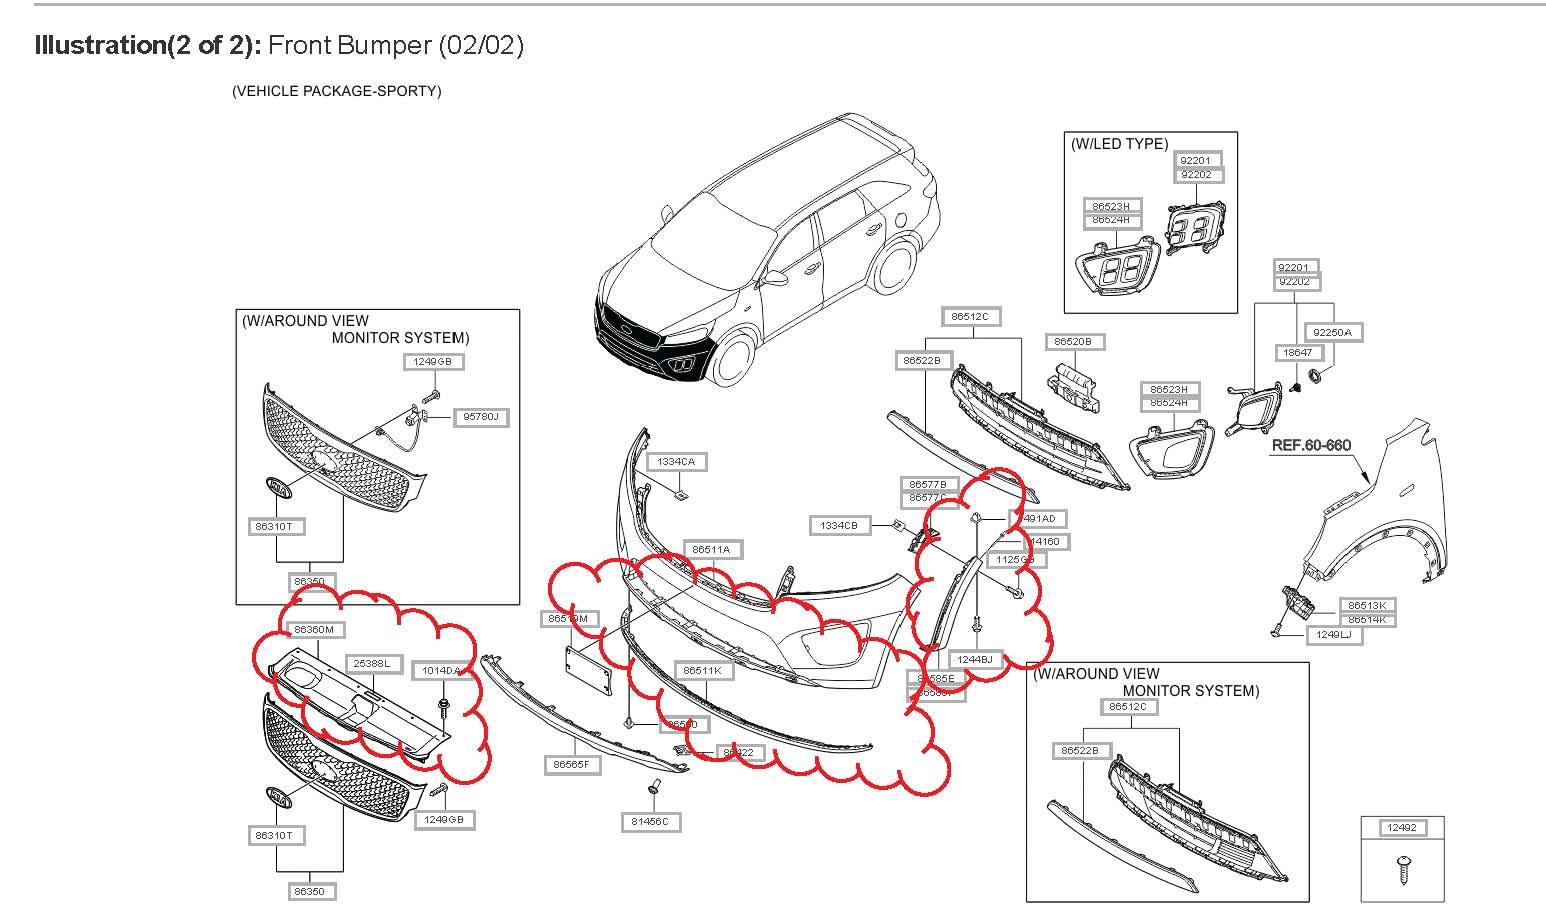 2004 Kia Optima Parts Diagram Automotive Wiring Diagram \u2022 2005 Kia  Optima White 2005 Optima Wiring Diagram